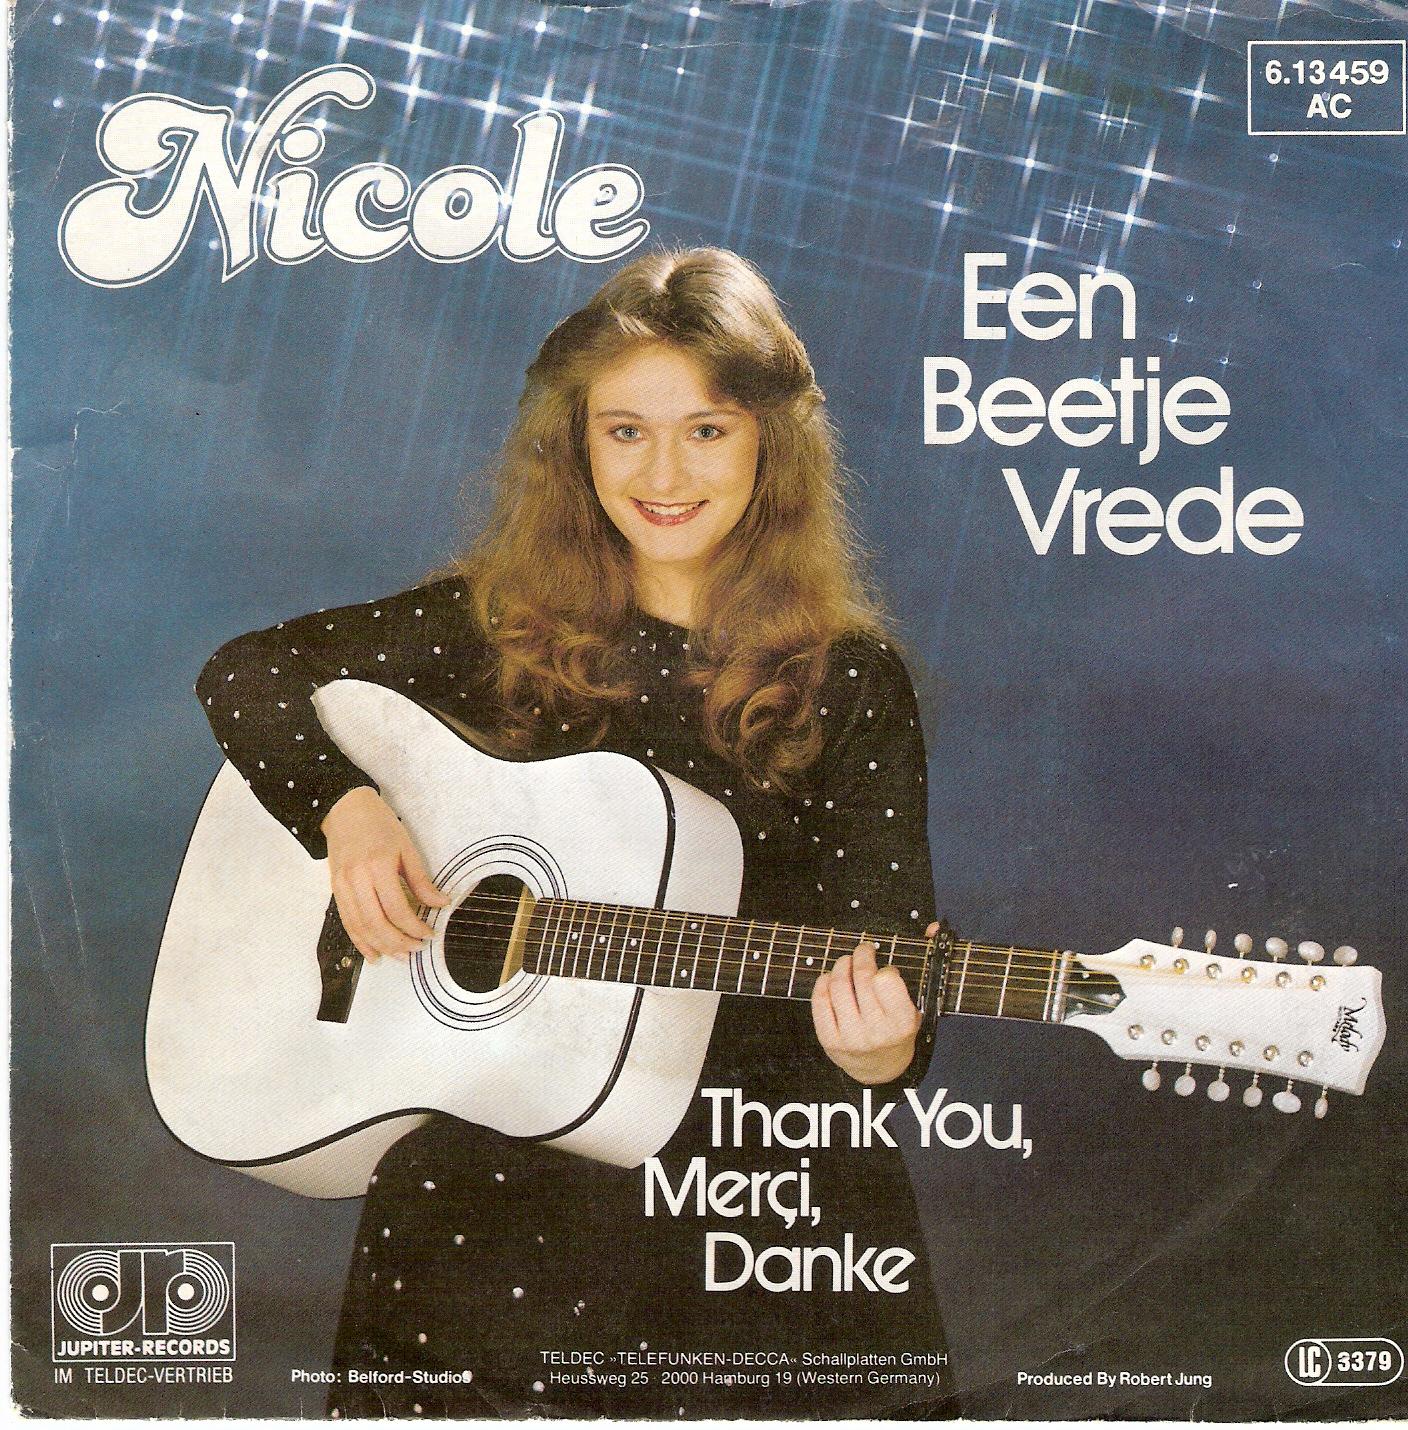 Nicole+Een+beetje+vrede.jpg